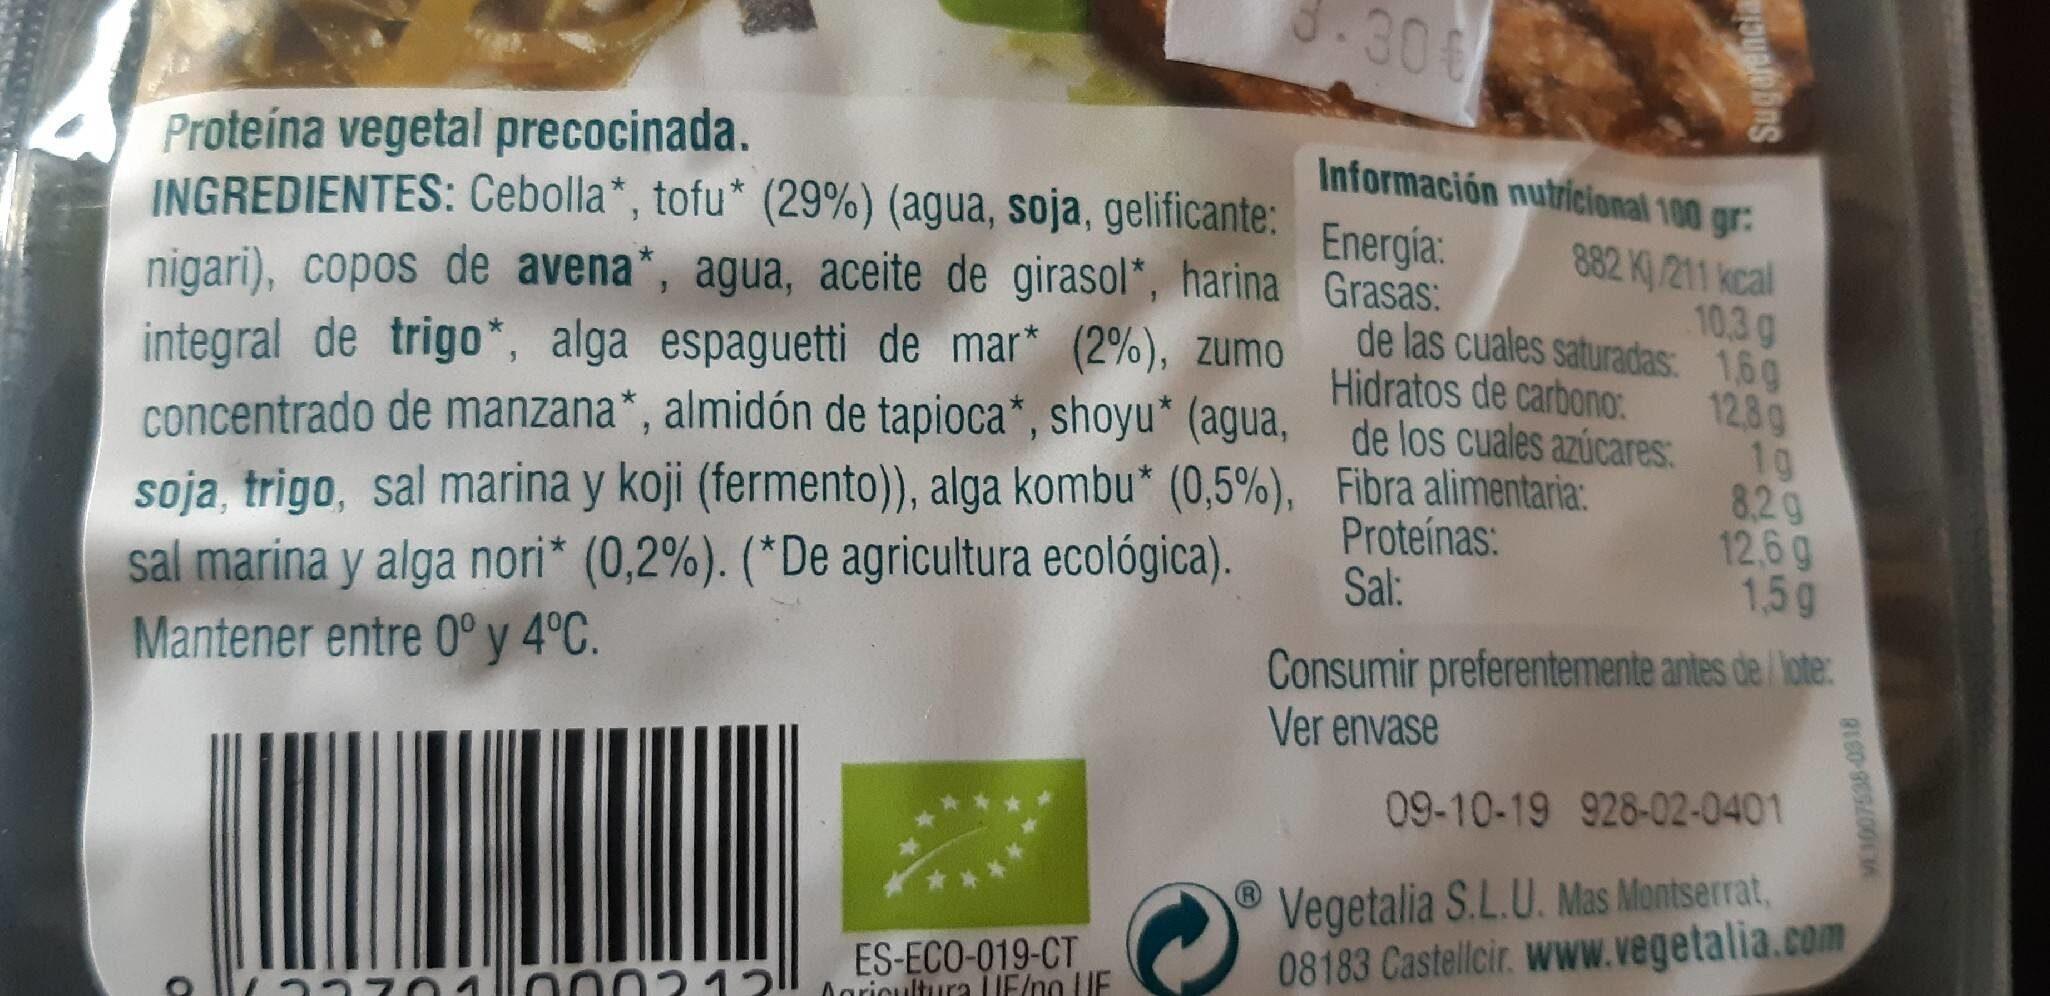 Vegeburger Tofu y algas - Información nutricional